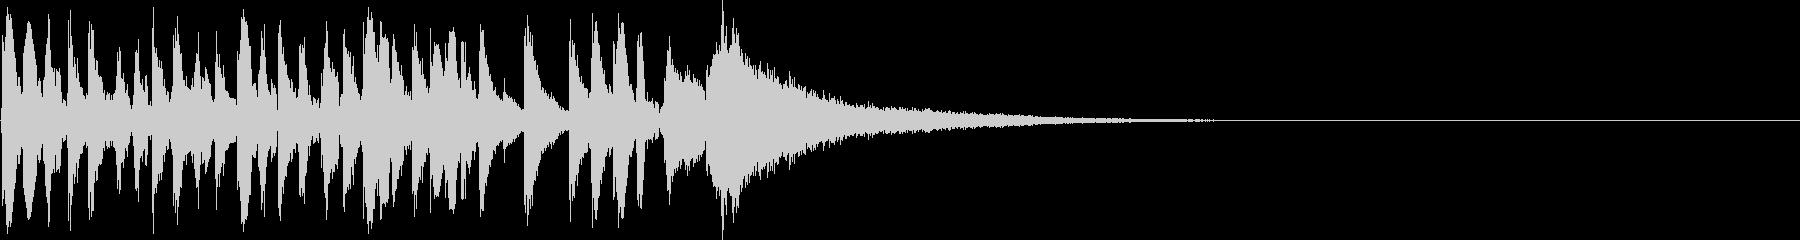 生ドラムロール ジングル 場面転換♪02の未再生の波形